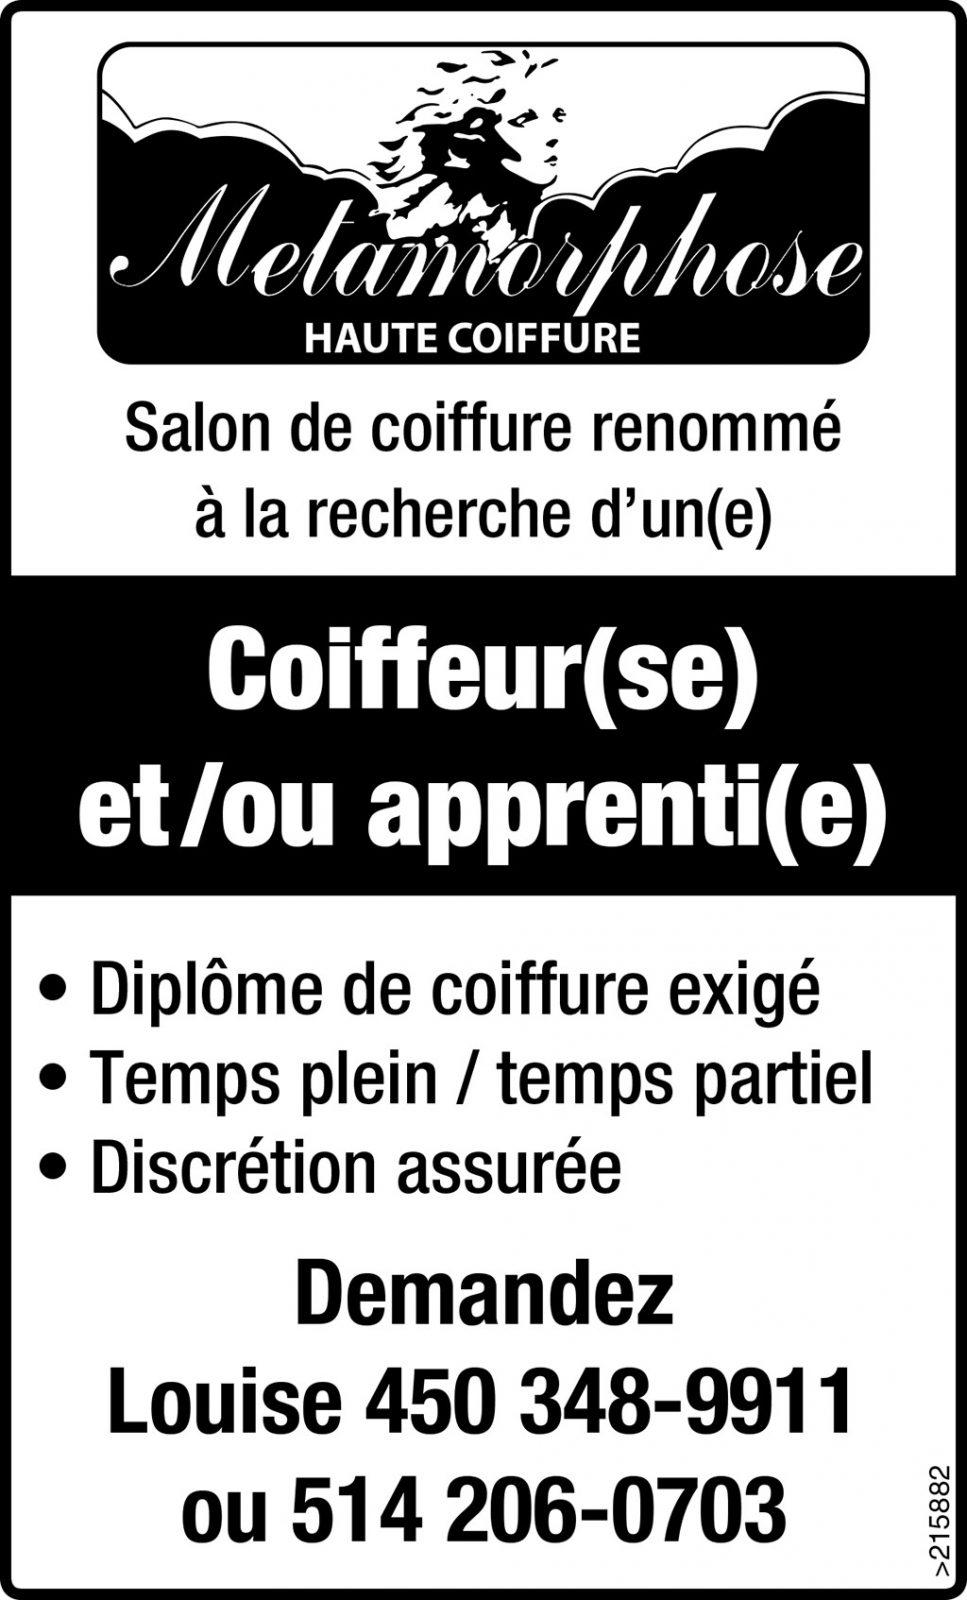 Coiffeur(se) et /ou apprenti(e)